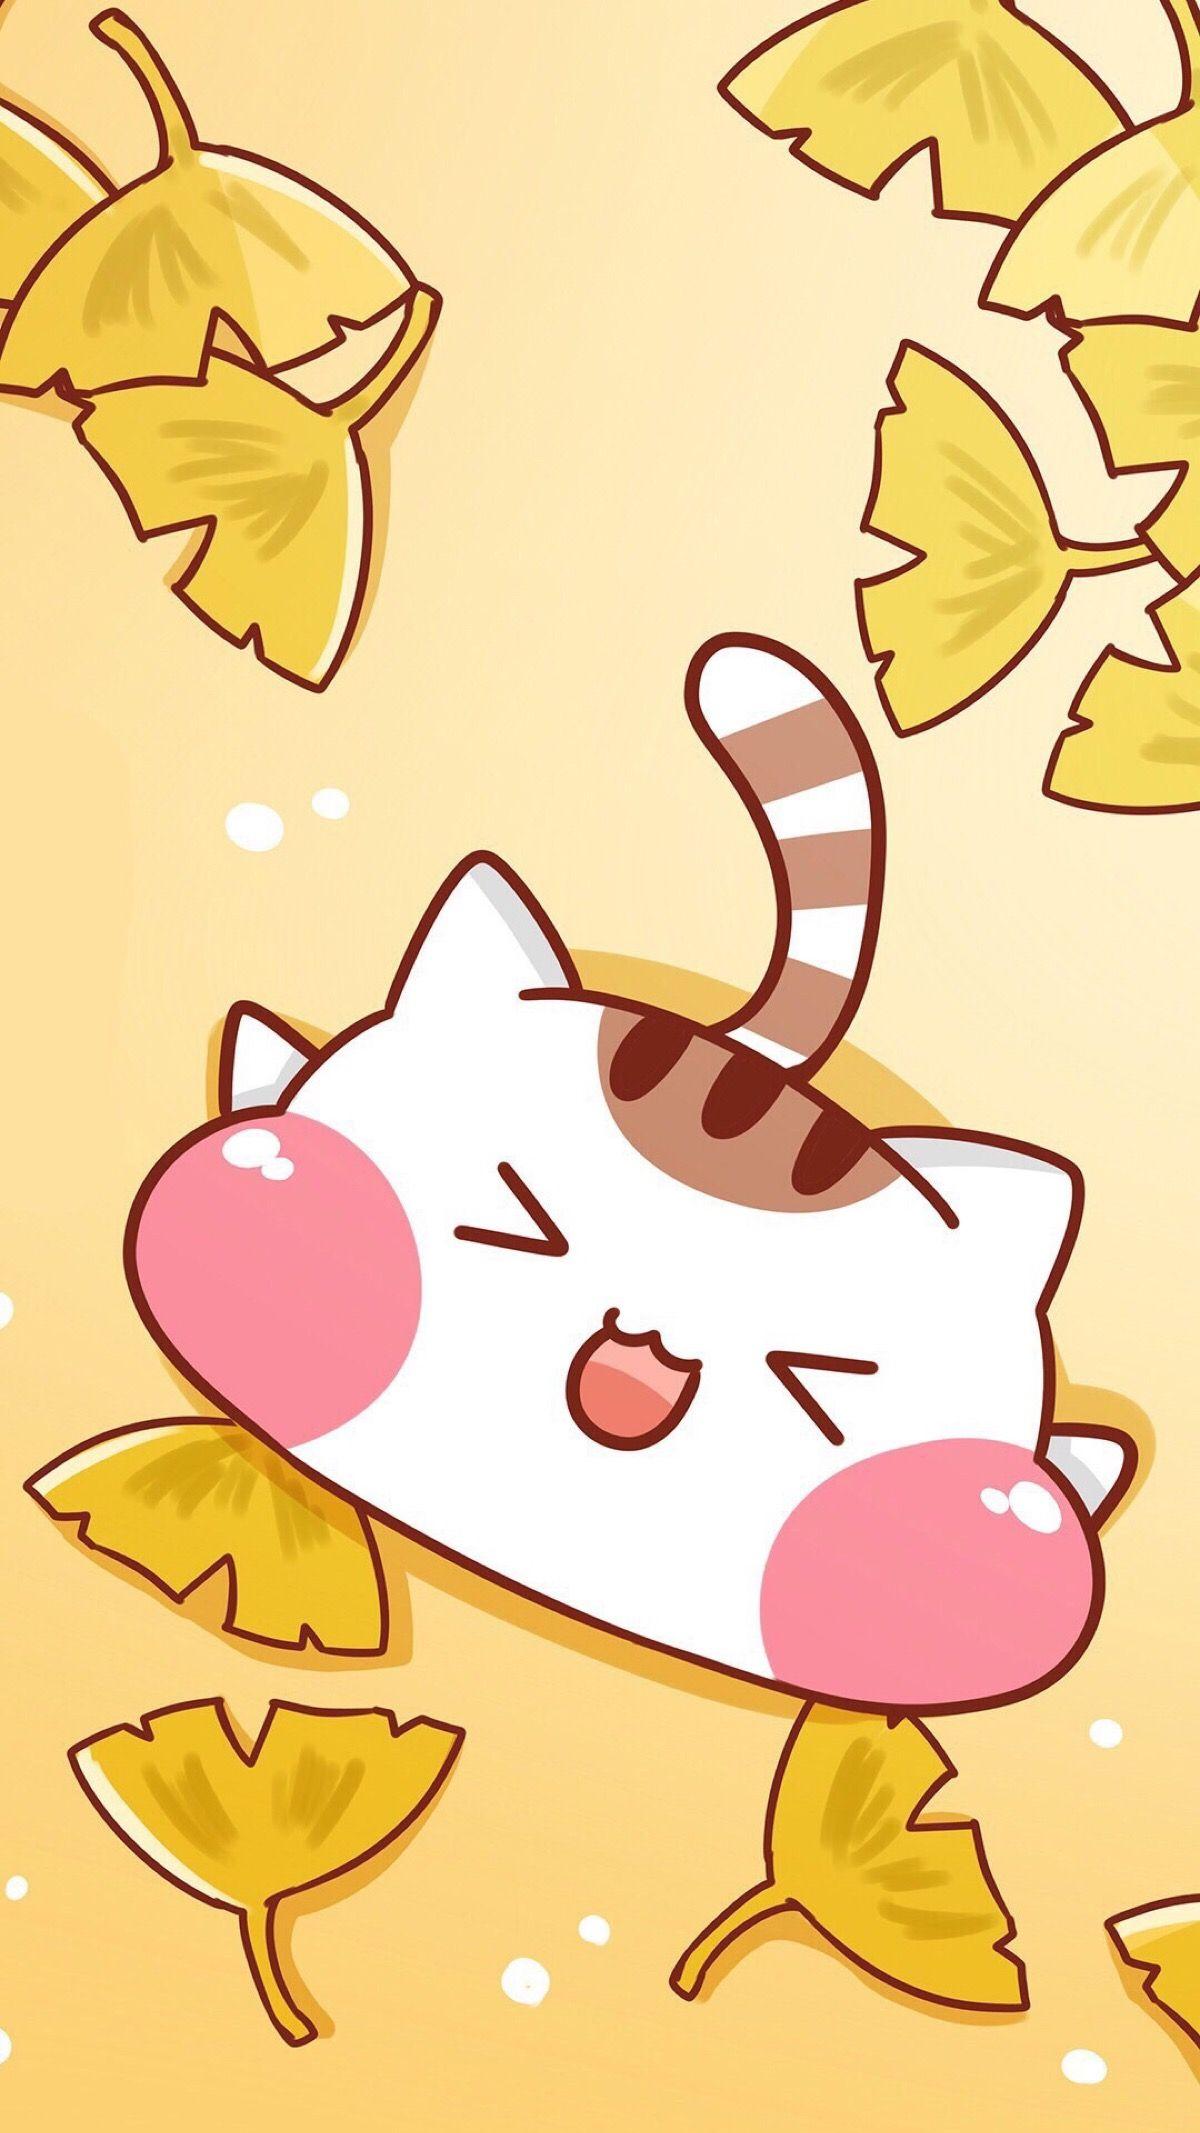 Save Follow Me Paa Kucing Lucu Cute Wallpapers Kawaii